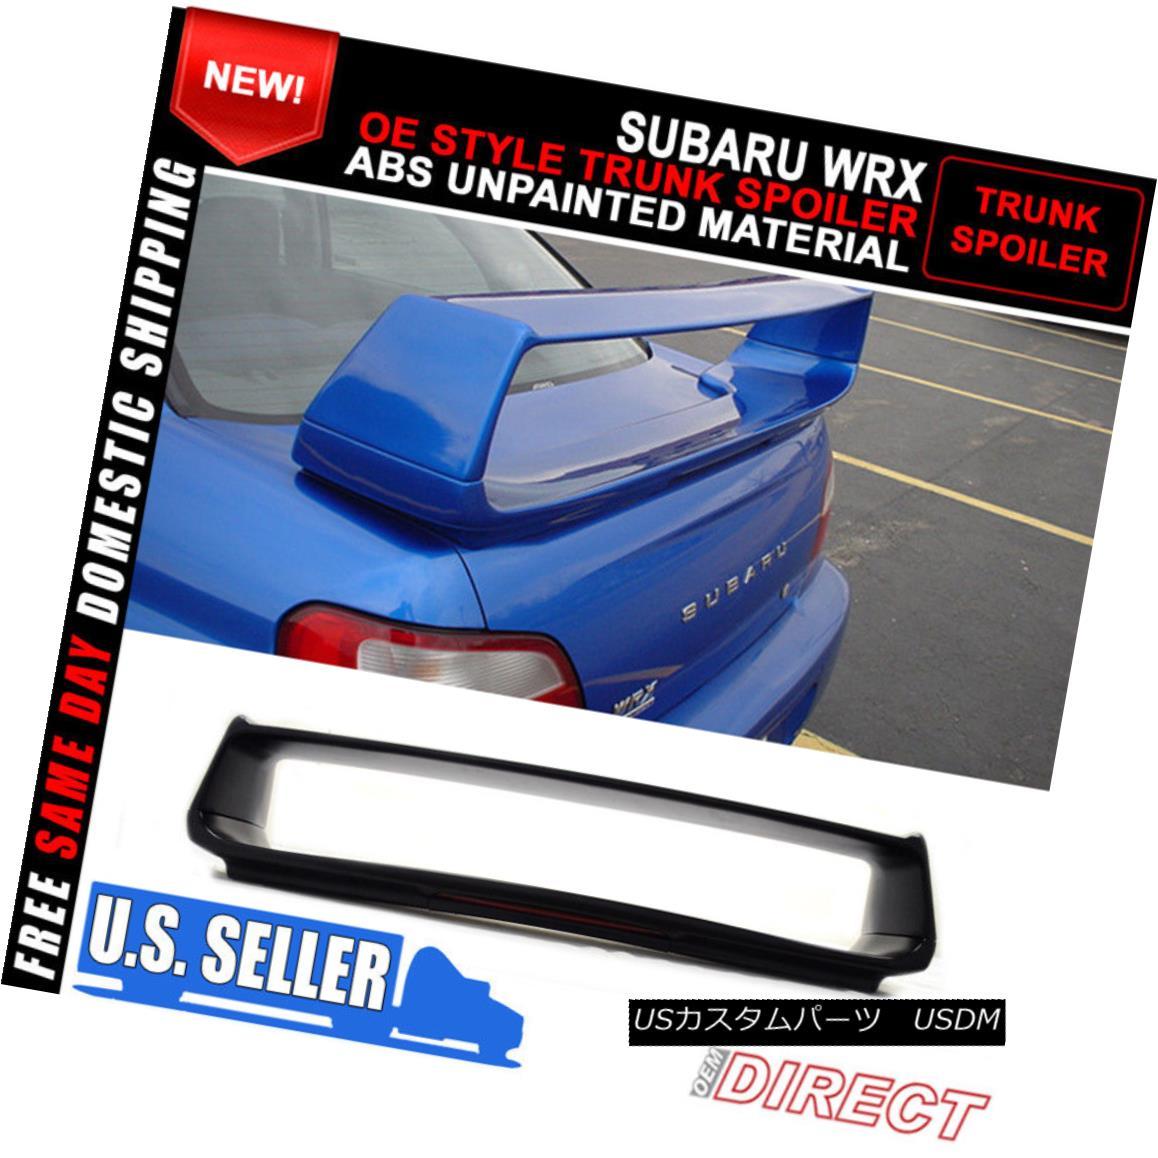 エアロパーツ Fits 02-07 Subaru Impreza WRX STI OE Style Trunk Spoiler With 3rd Brake Light フィット02-07スバルインプレッサWRX STI OEスタイルのトランク・スポイラー